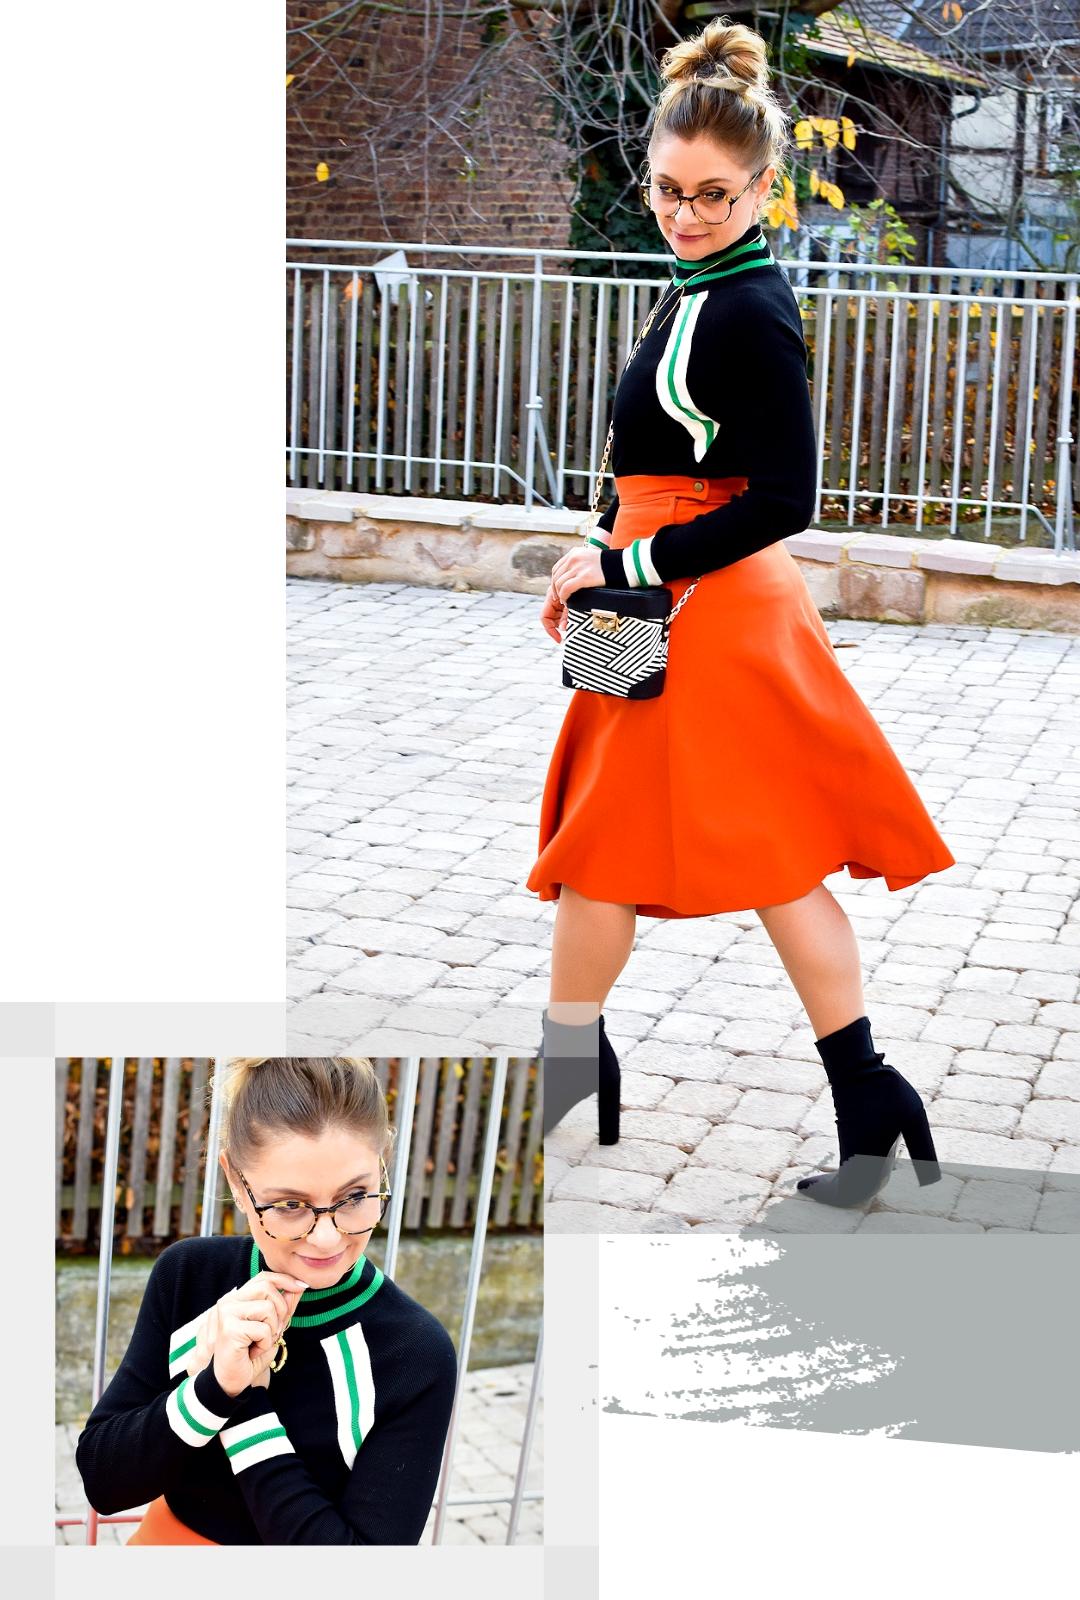 Welche Farben passen zu Orange? Wie style ich Orange? Modeblogger Tipps